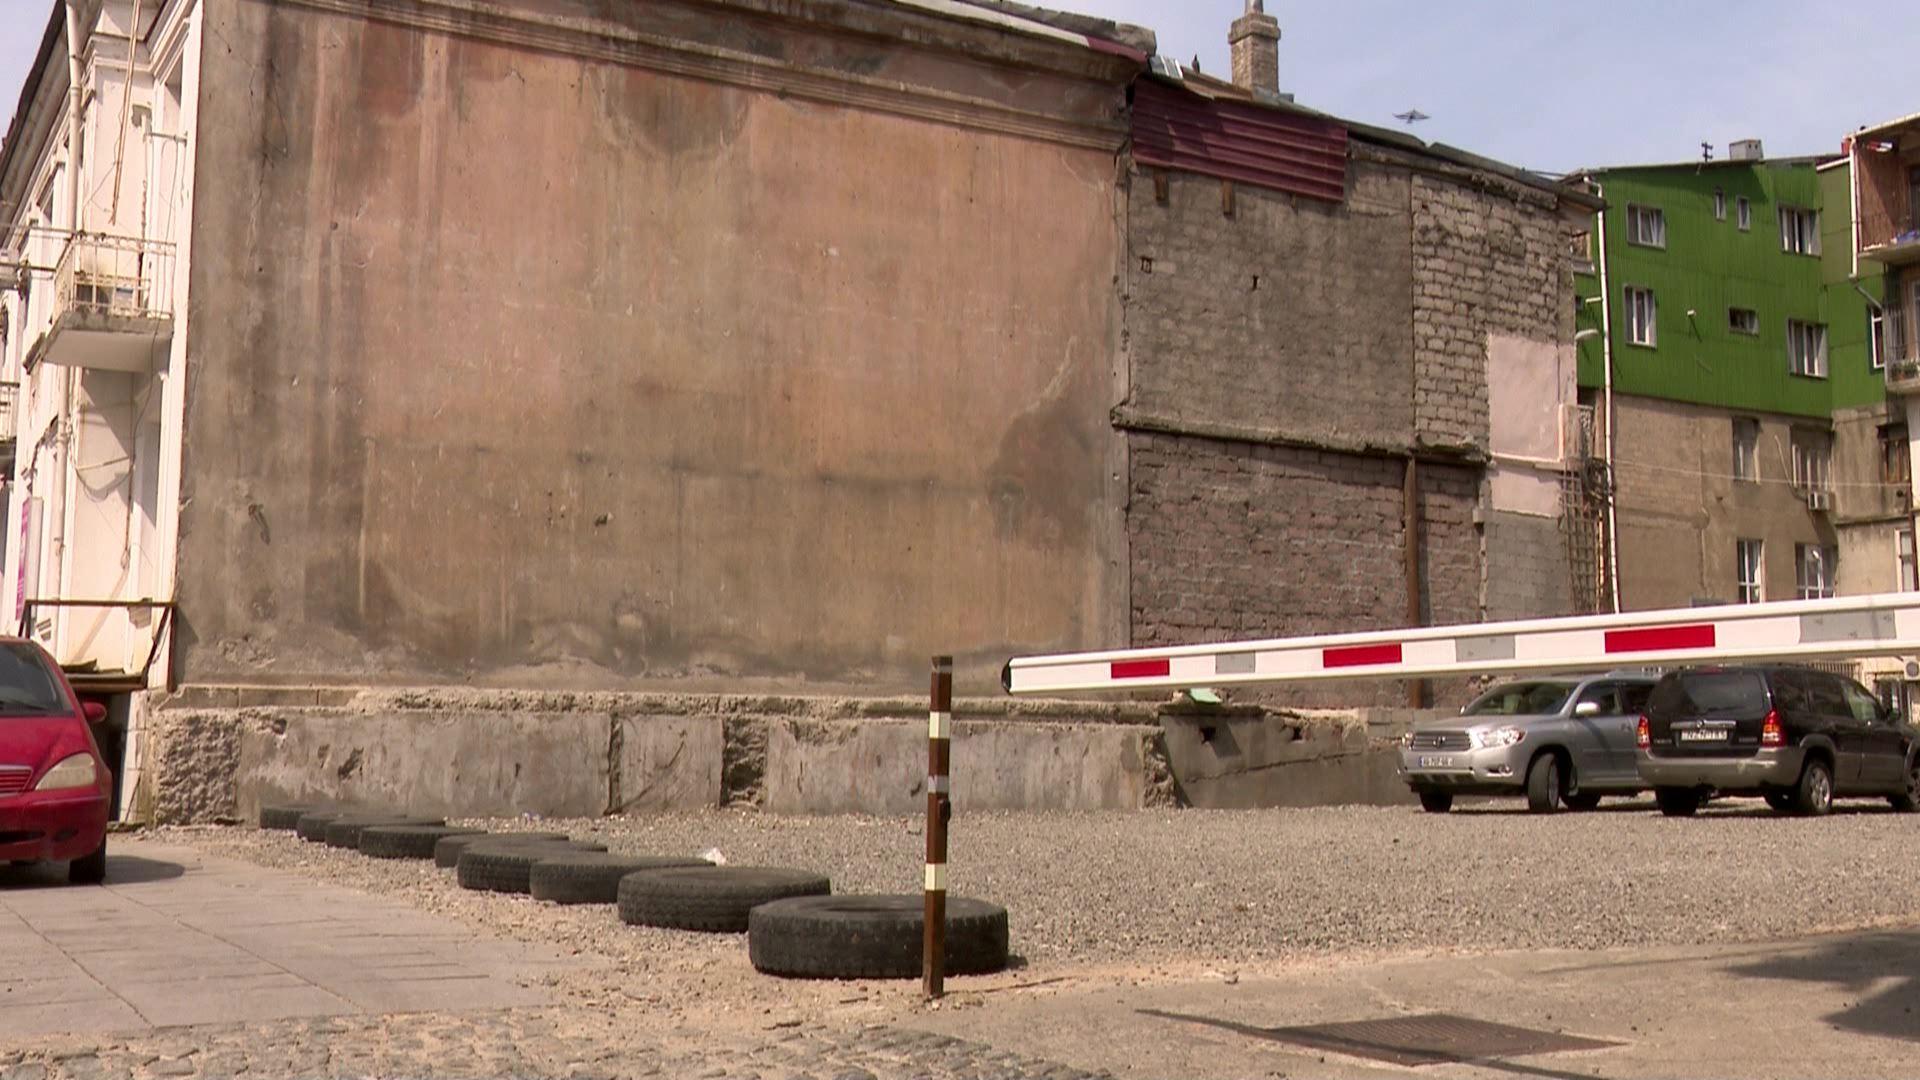 ახვლედიანის ქუჩაზე კორპუსის მშენებლობა რამდენიმე  თვეში დაიწყება